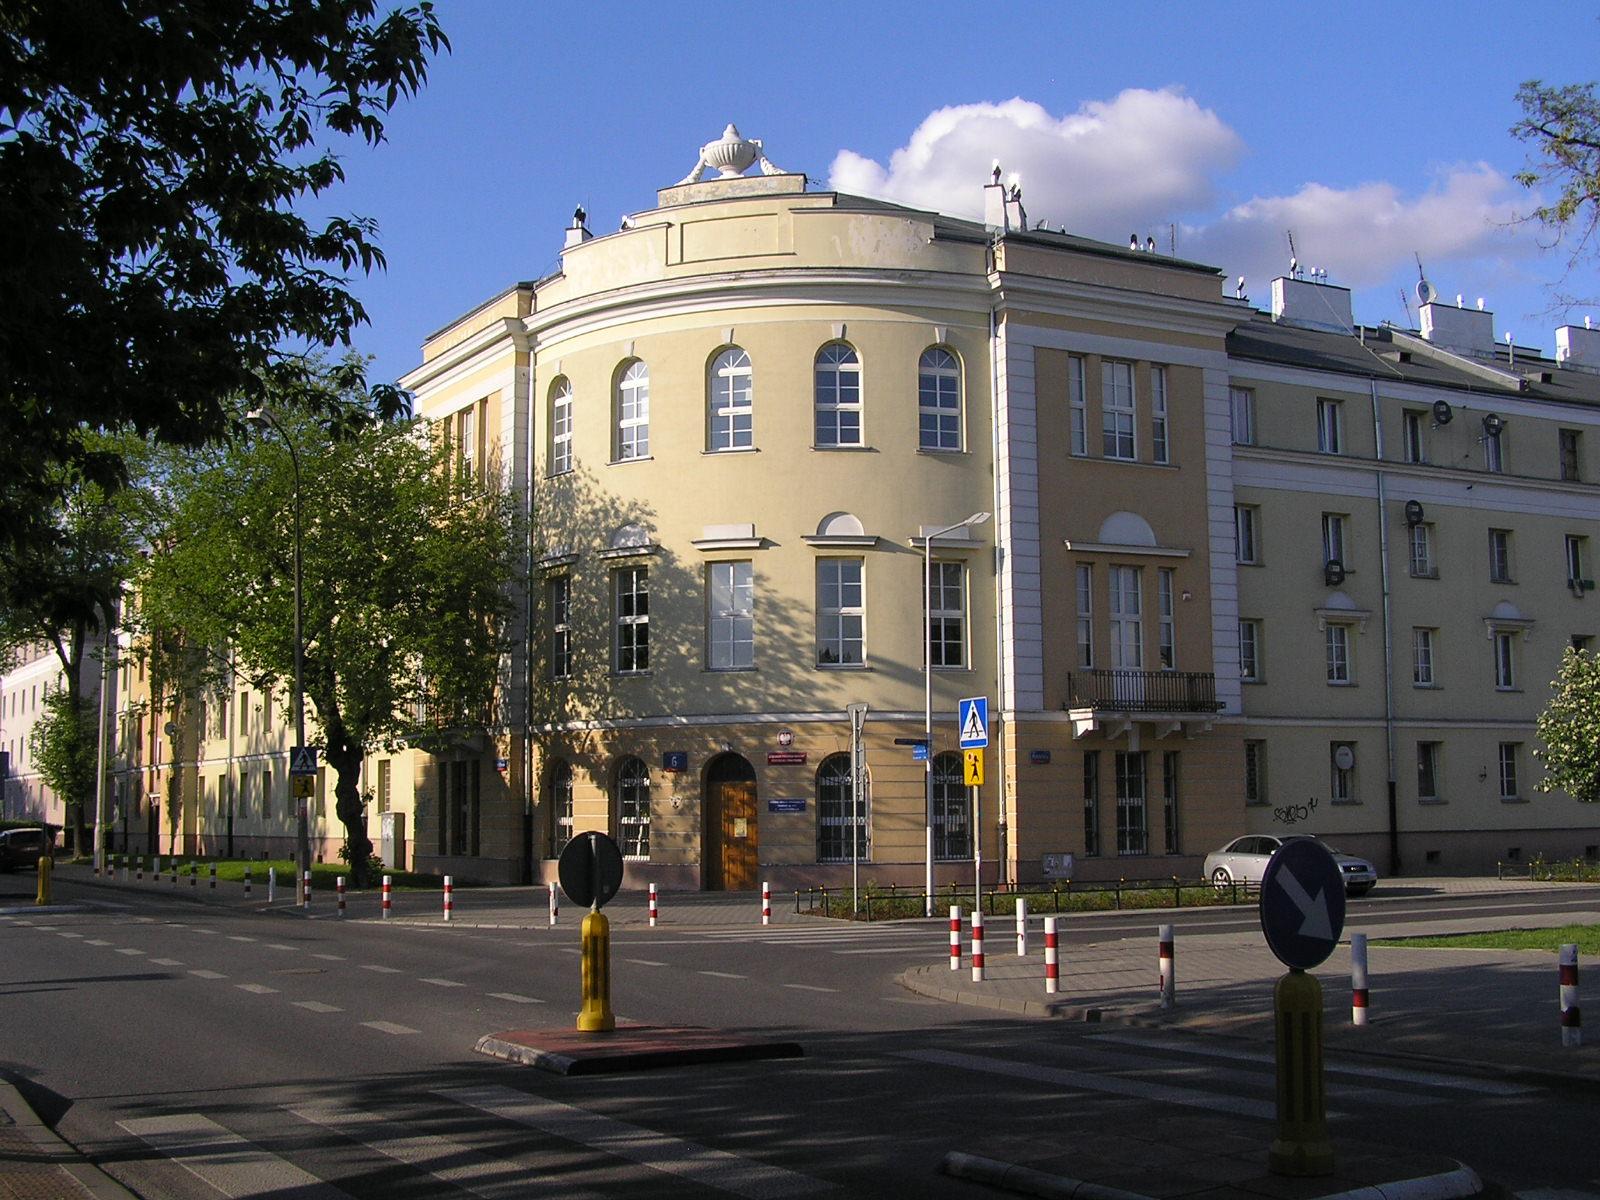 Podskarbińska 6 siedzibą trzech wydziałów